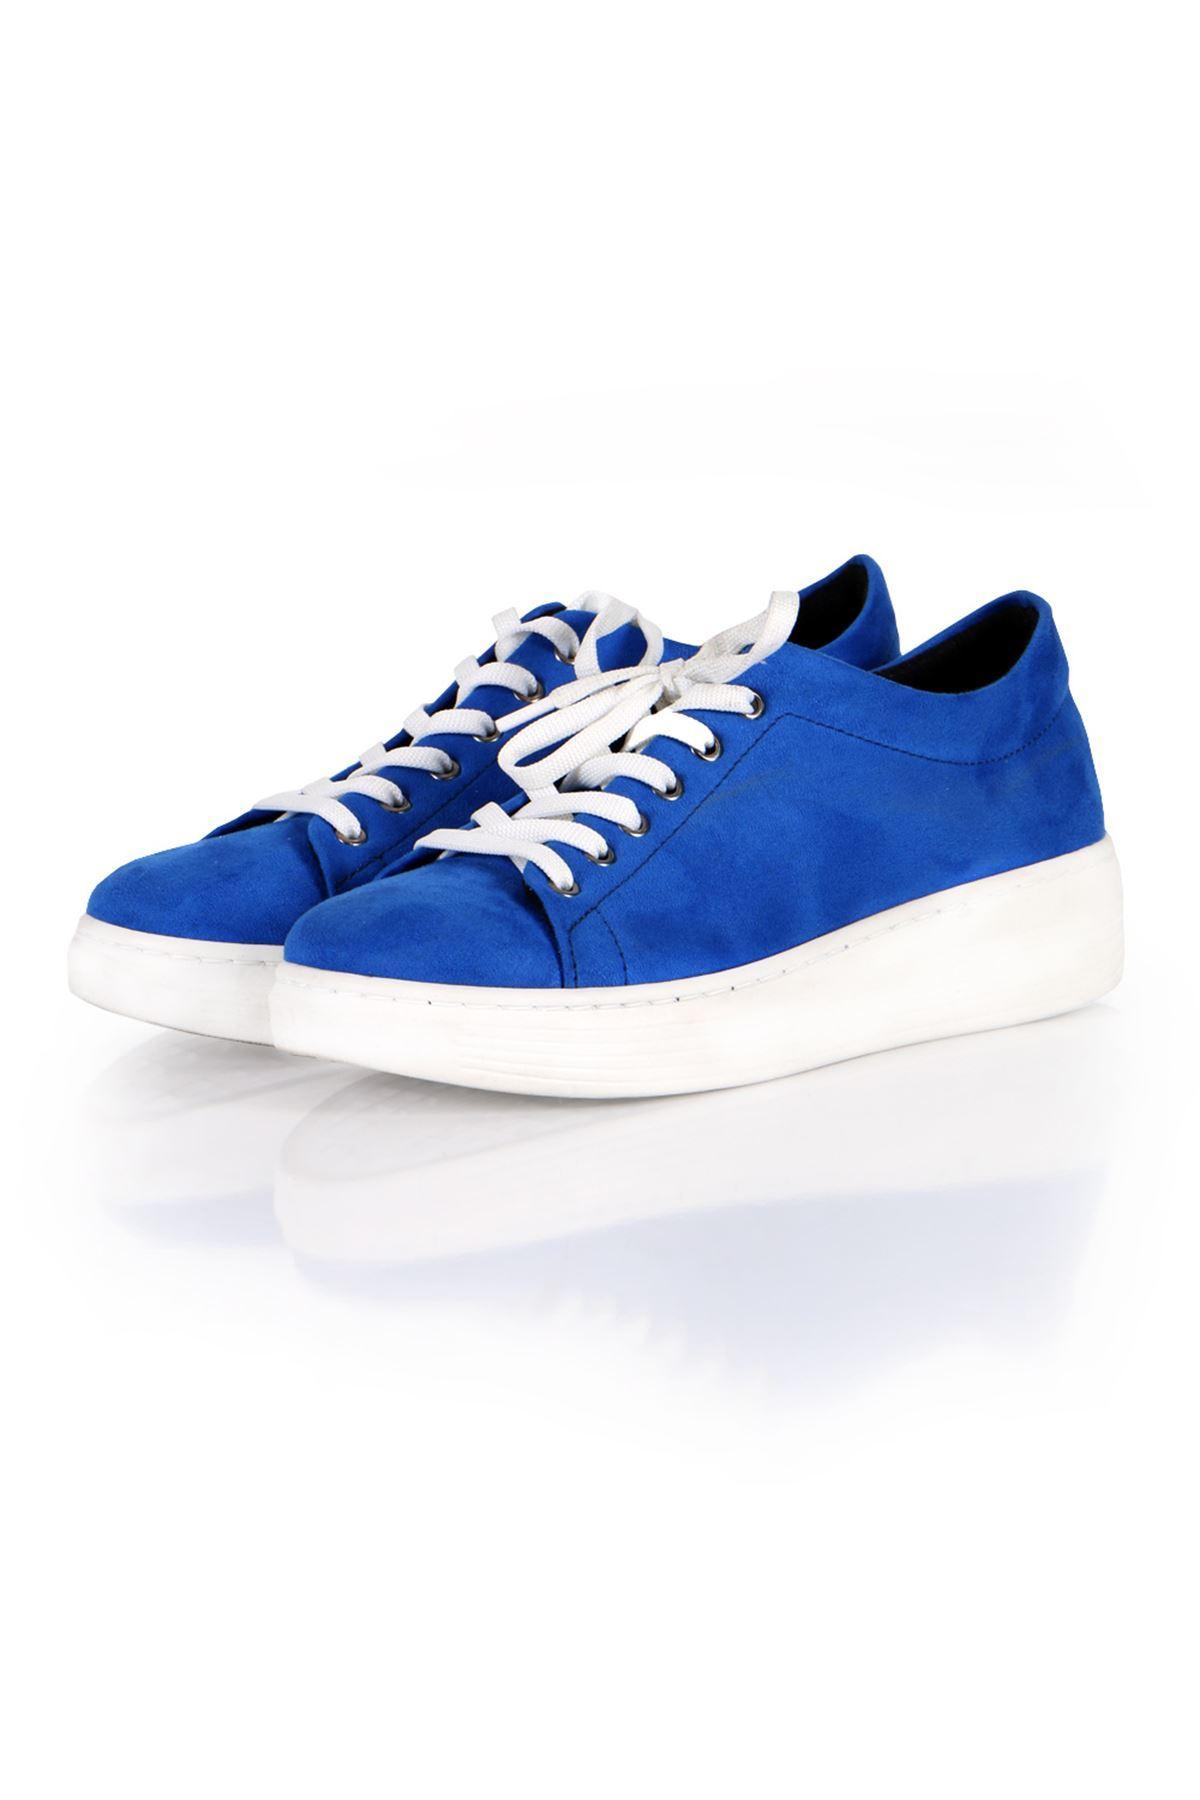 Lacivert/Beyaz Süet Bağcıklı Spor Sneaker Ayakkabı